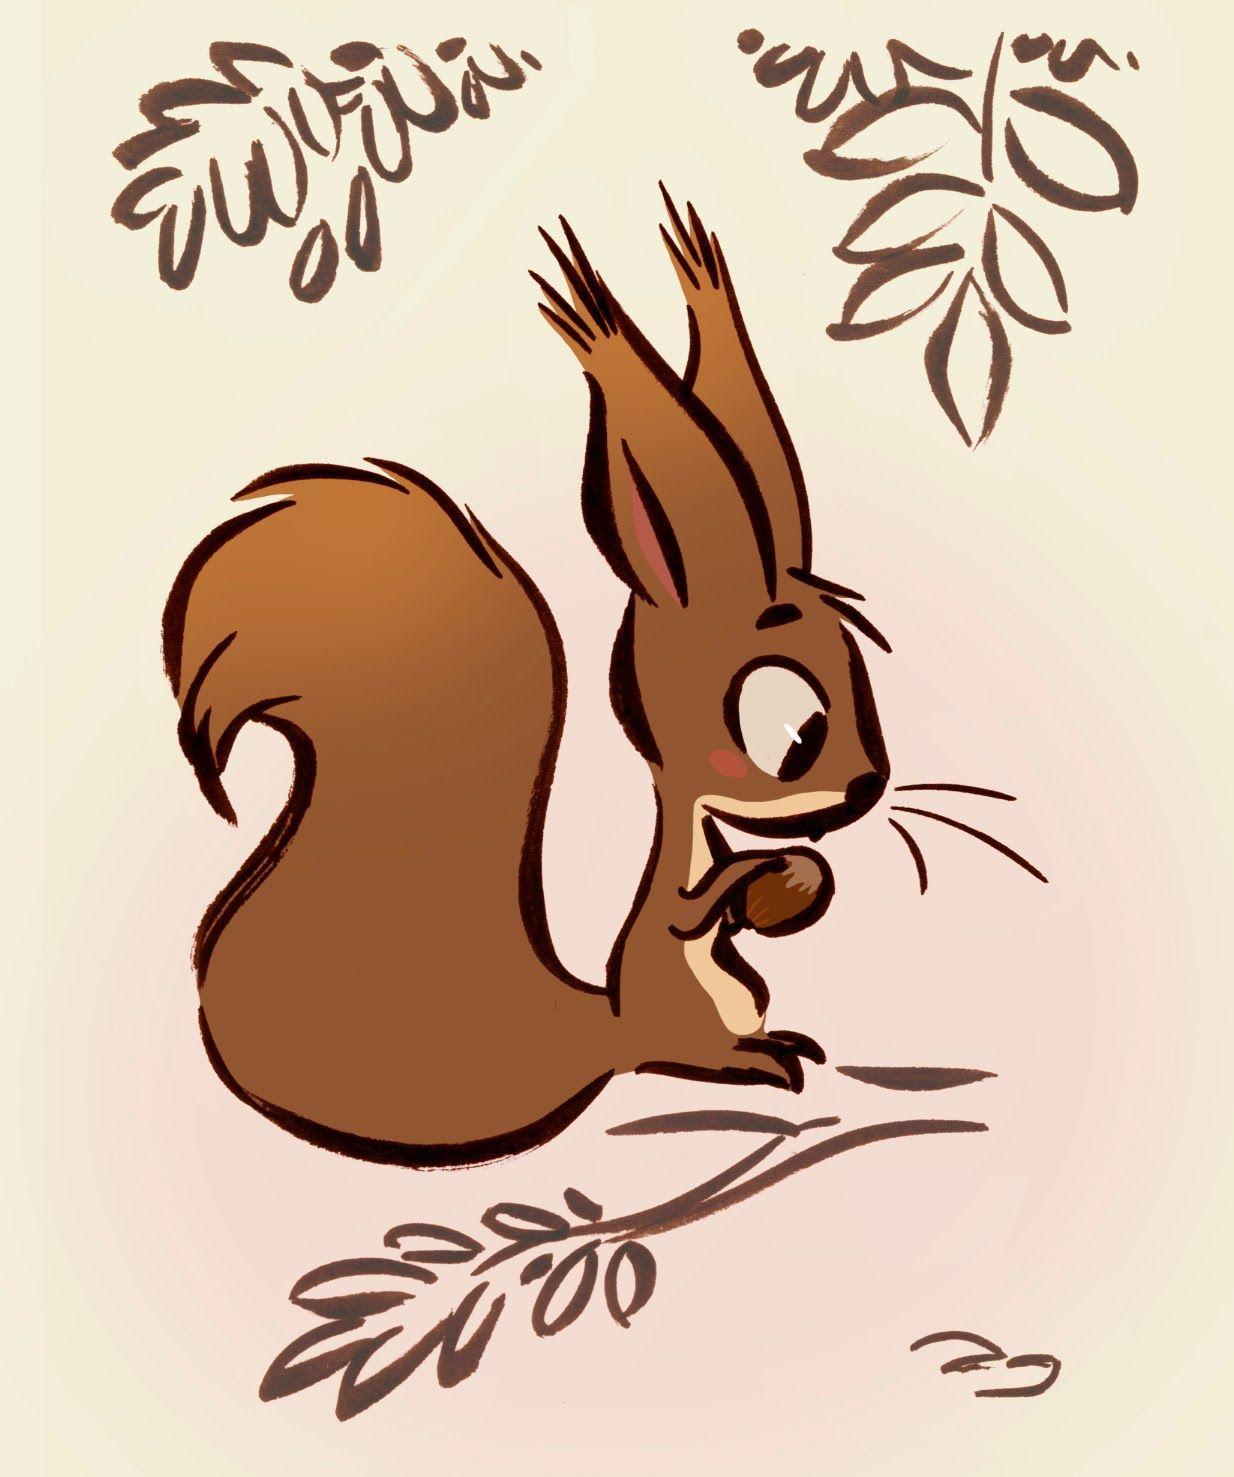 Cureil dessins animaux pinterest dessin cureuil - Ecureuil a dessiner ...